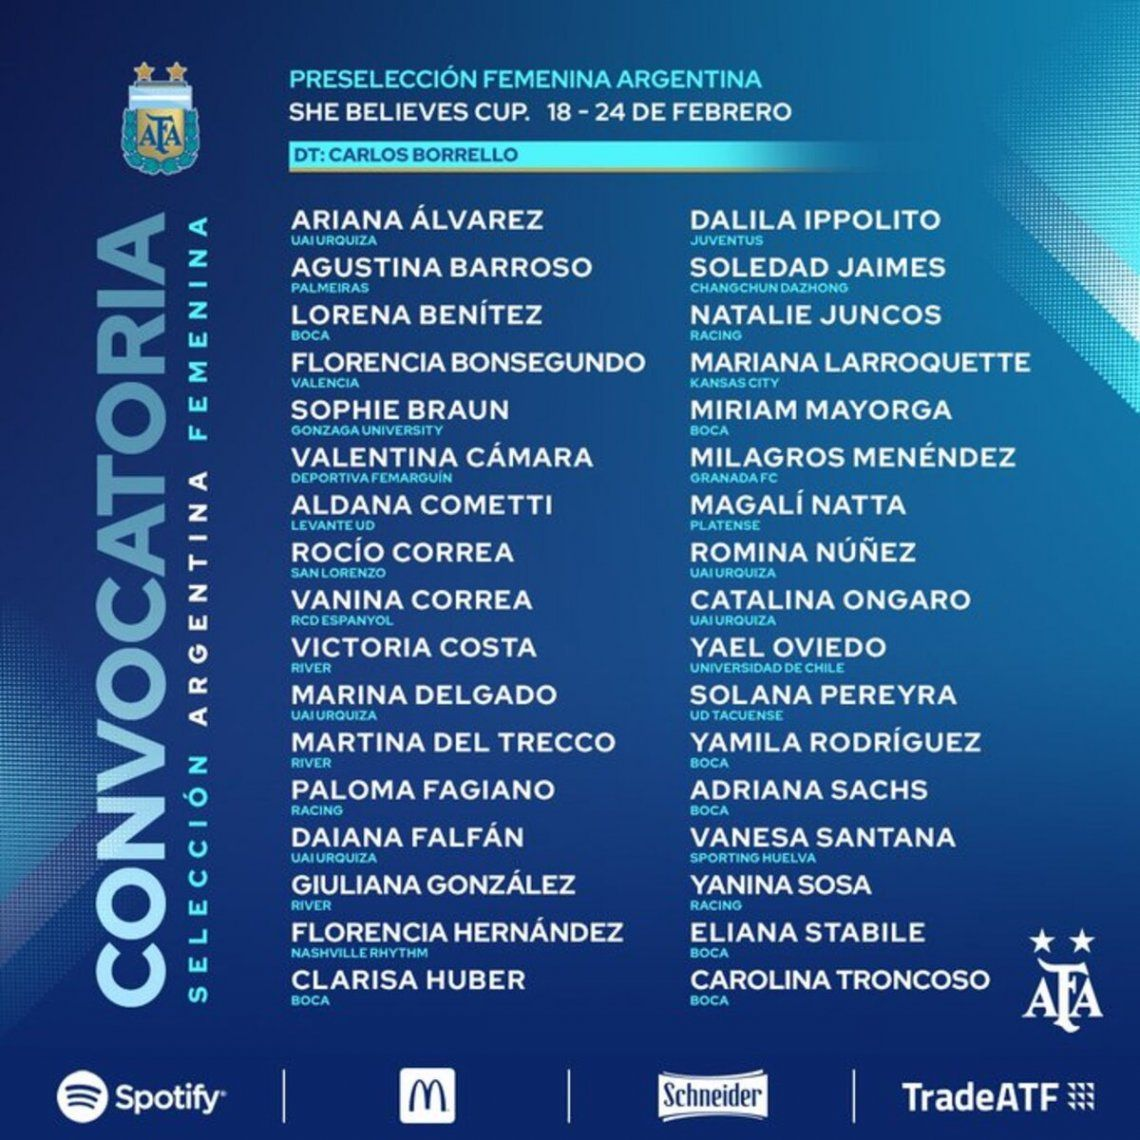 Carlos Borrello tendrá que seleccionar 22 jugadoras para la competencia.